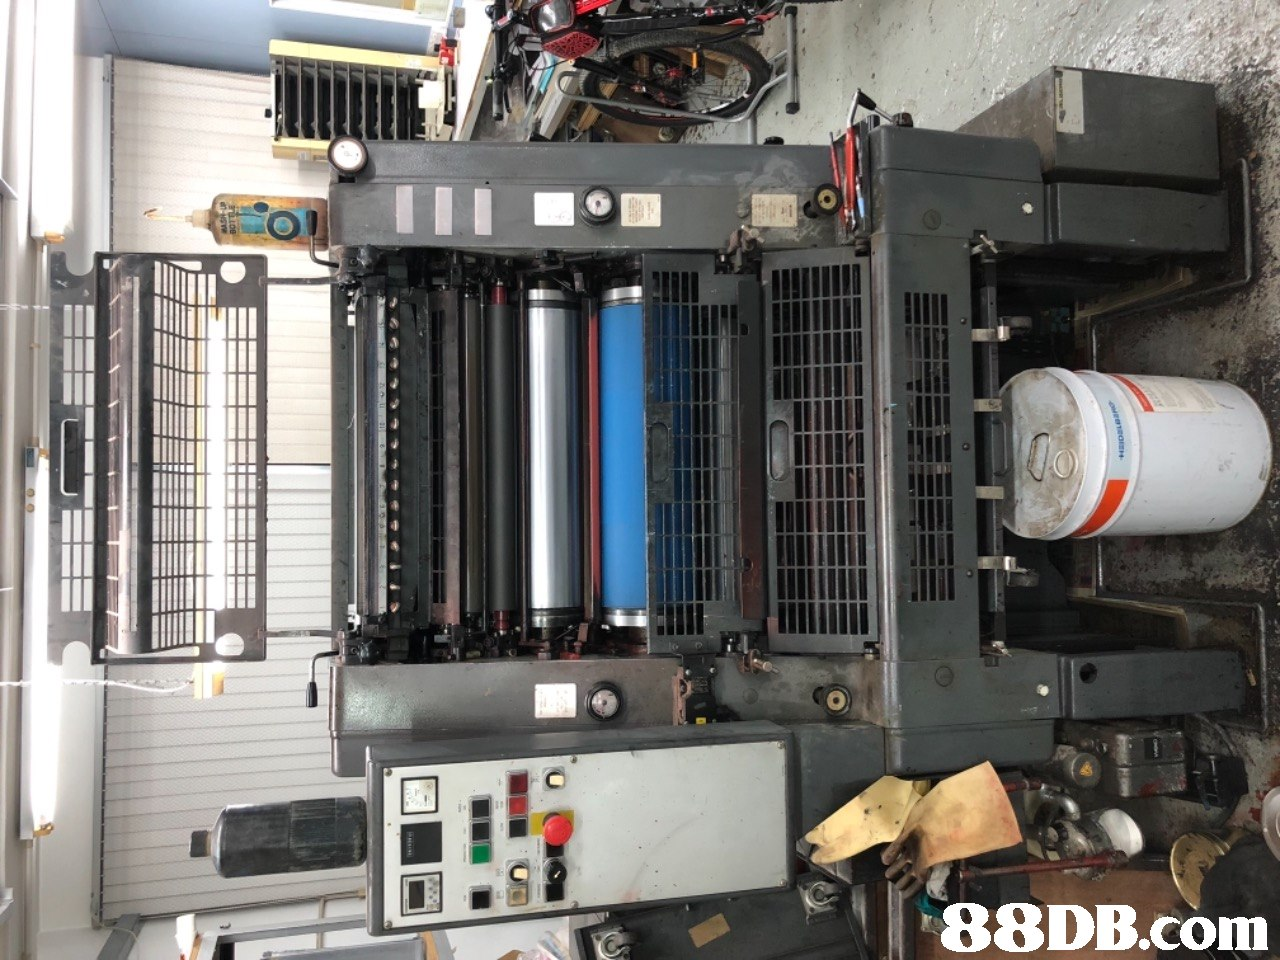 Product,Machine,Electronics,Technology